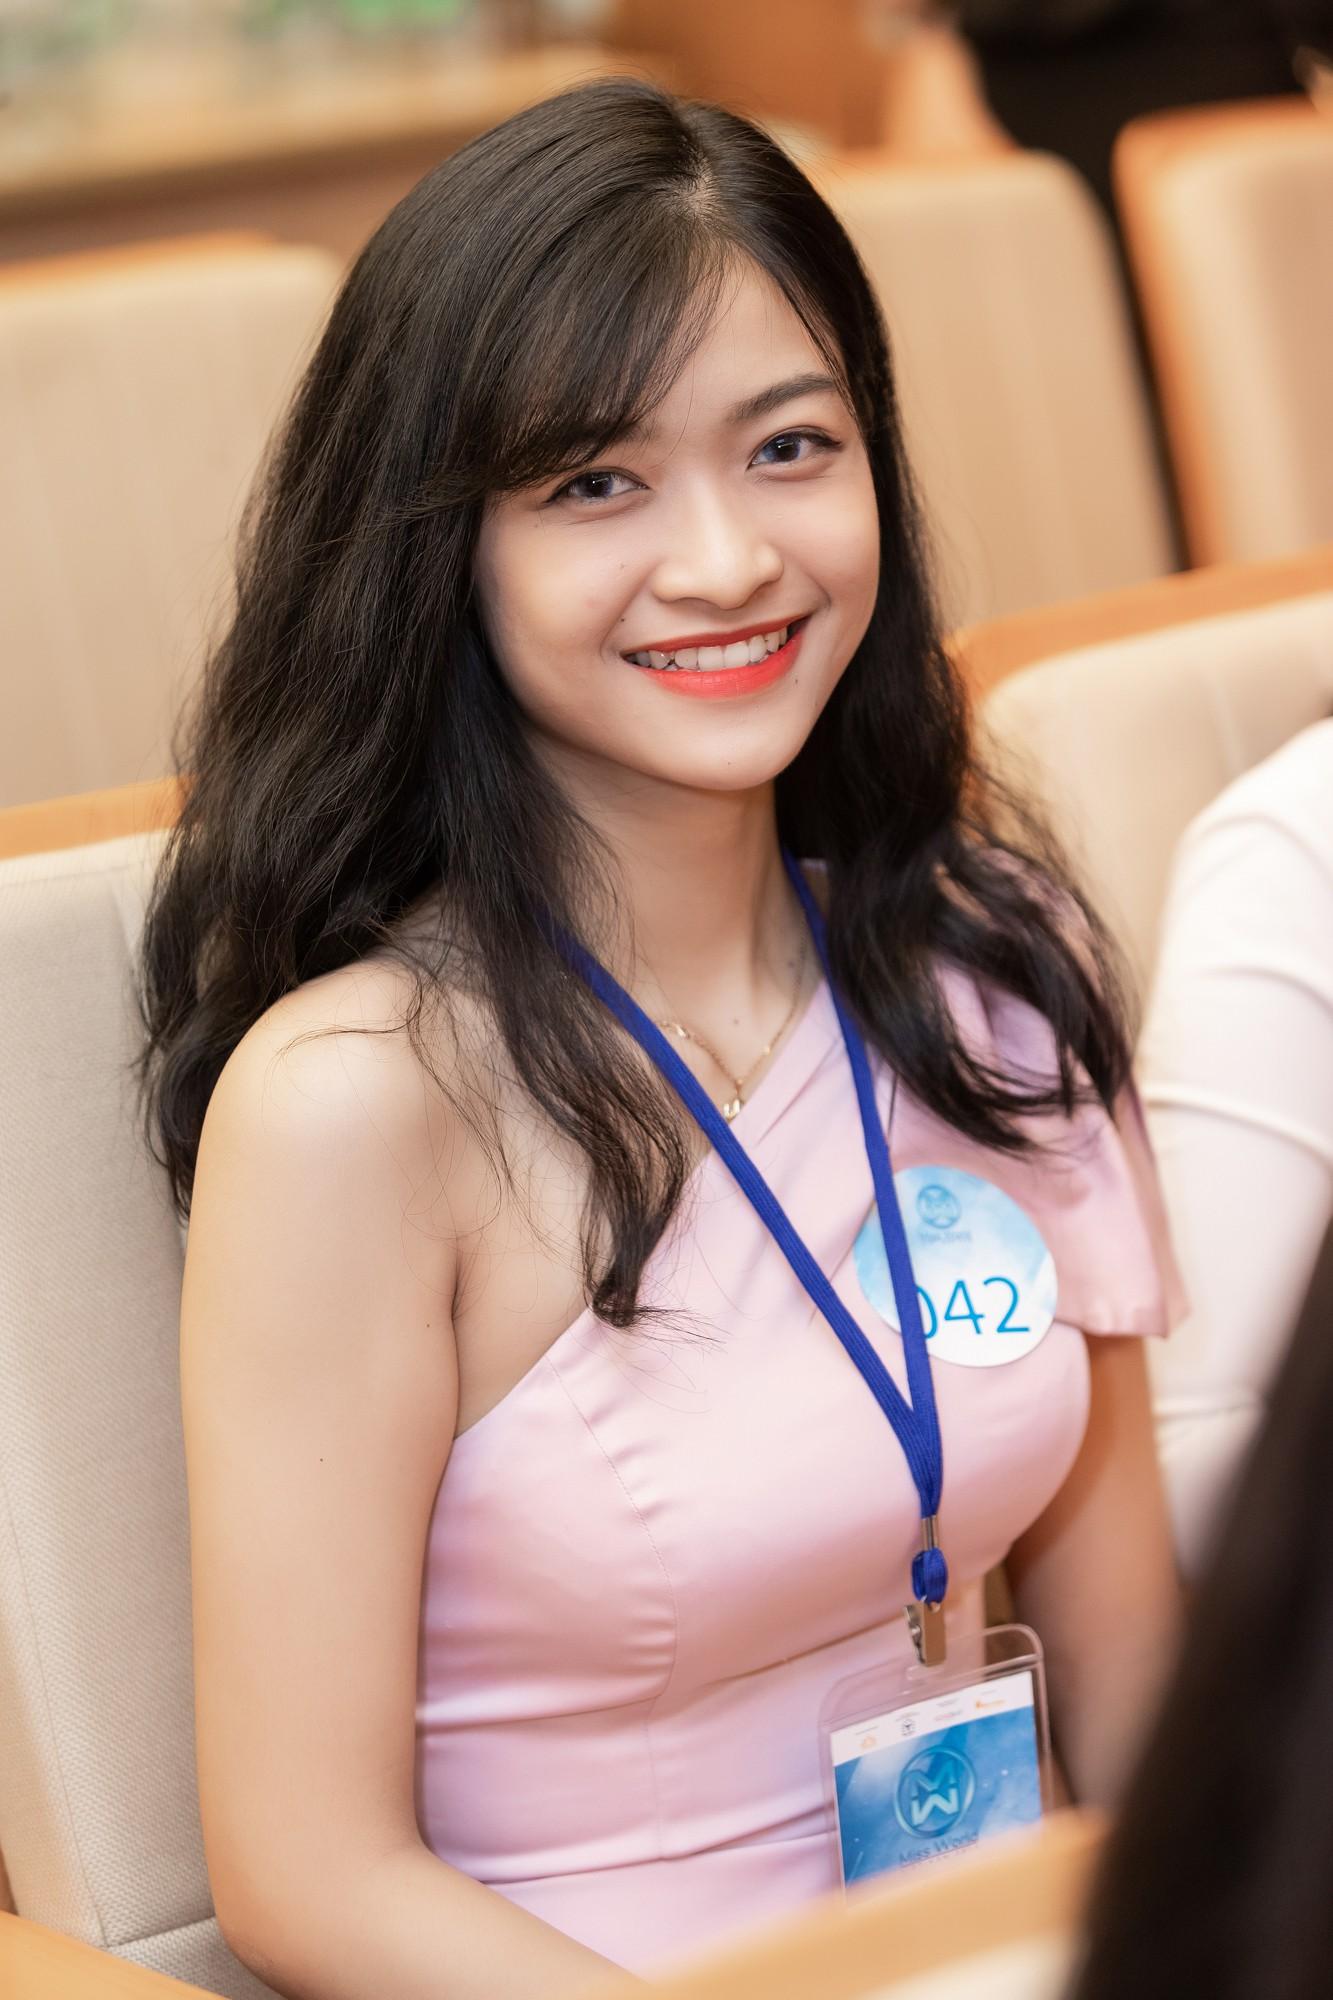 Top 34 thí sinh khu vực phía Nam Hoa hậu Thế giới Việt Nam 2019 chính thức lộ diện  - Ảnh 3.